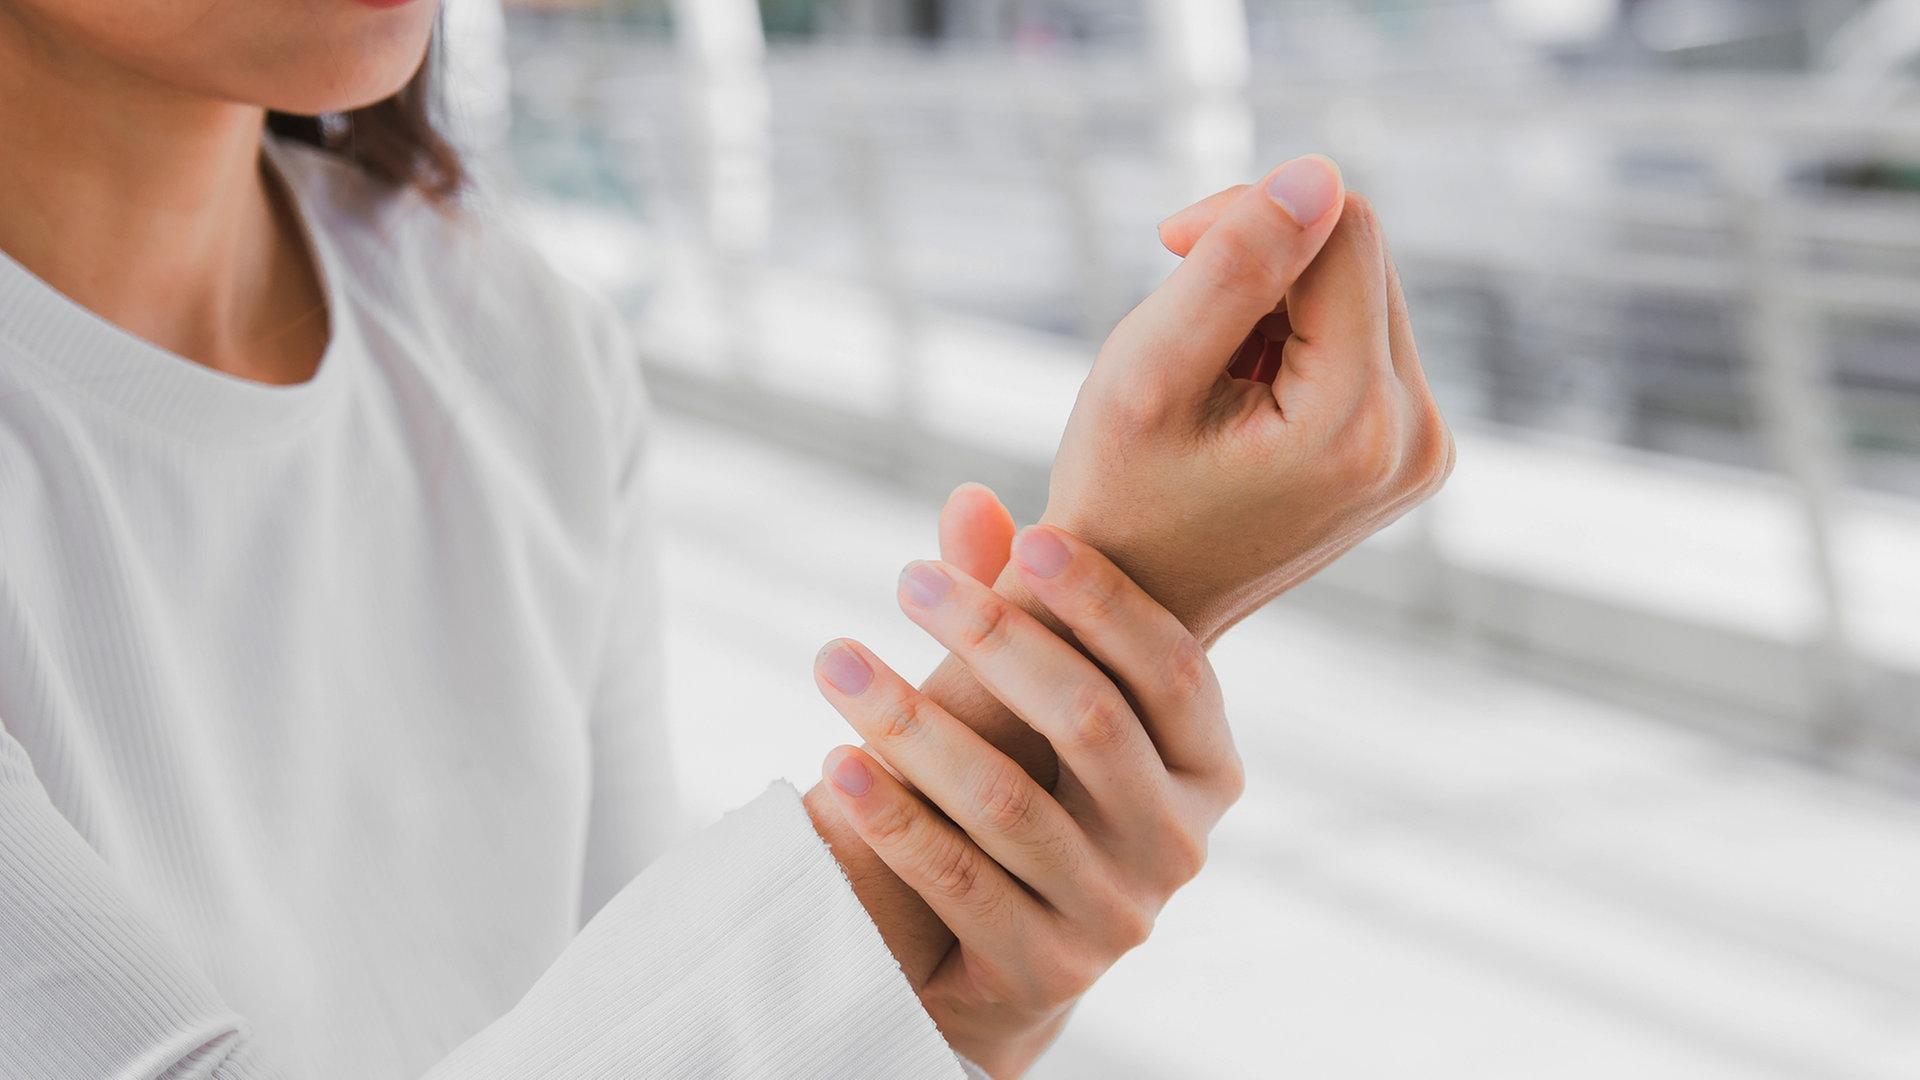 Ohne finger schmerzen brechen knochen brechen